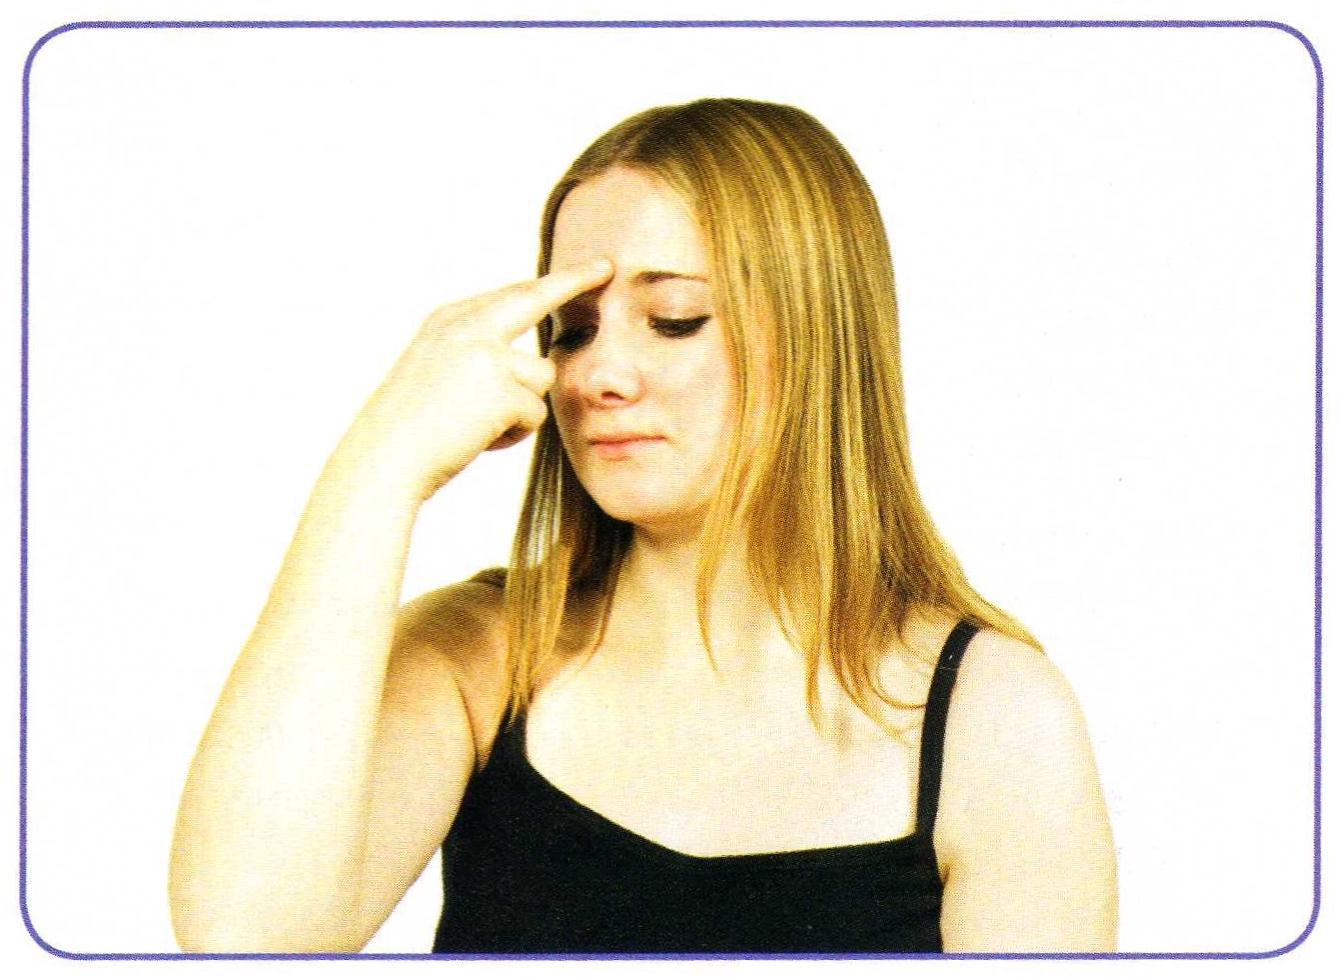 samolechenie-golovnih-boley-5